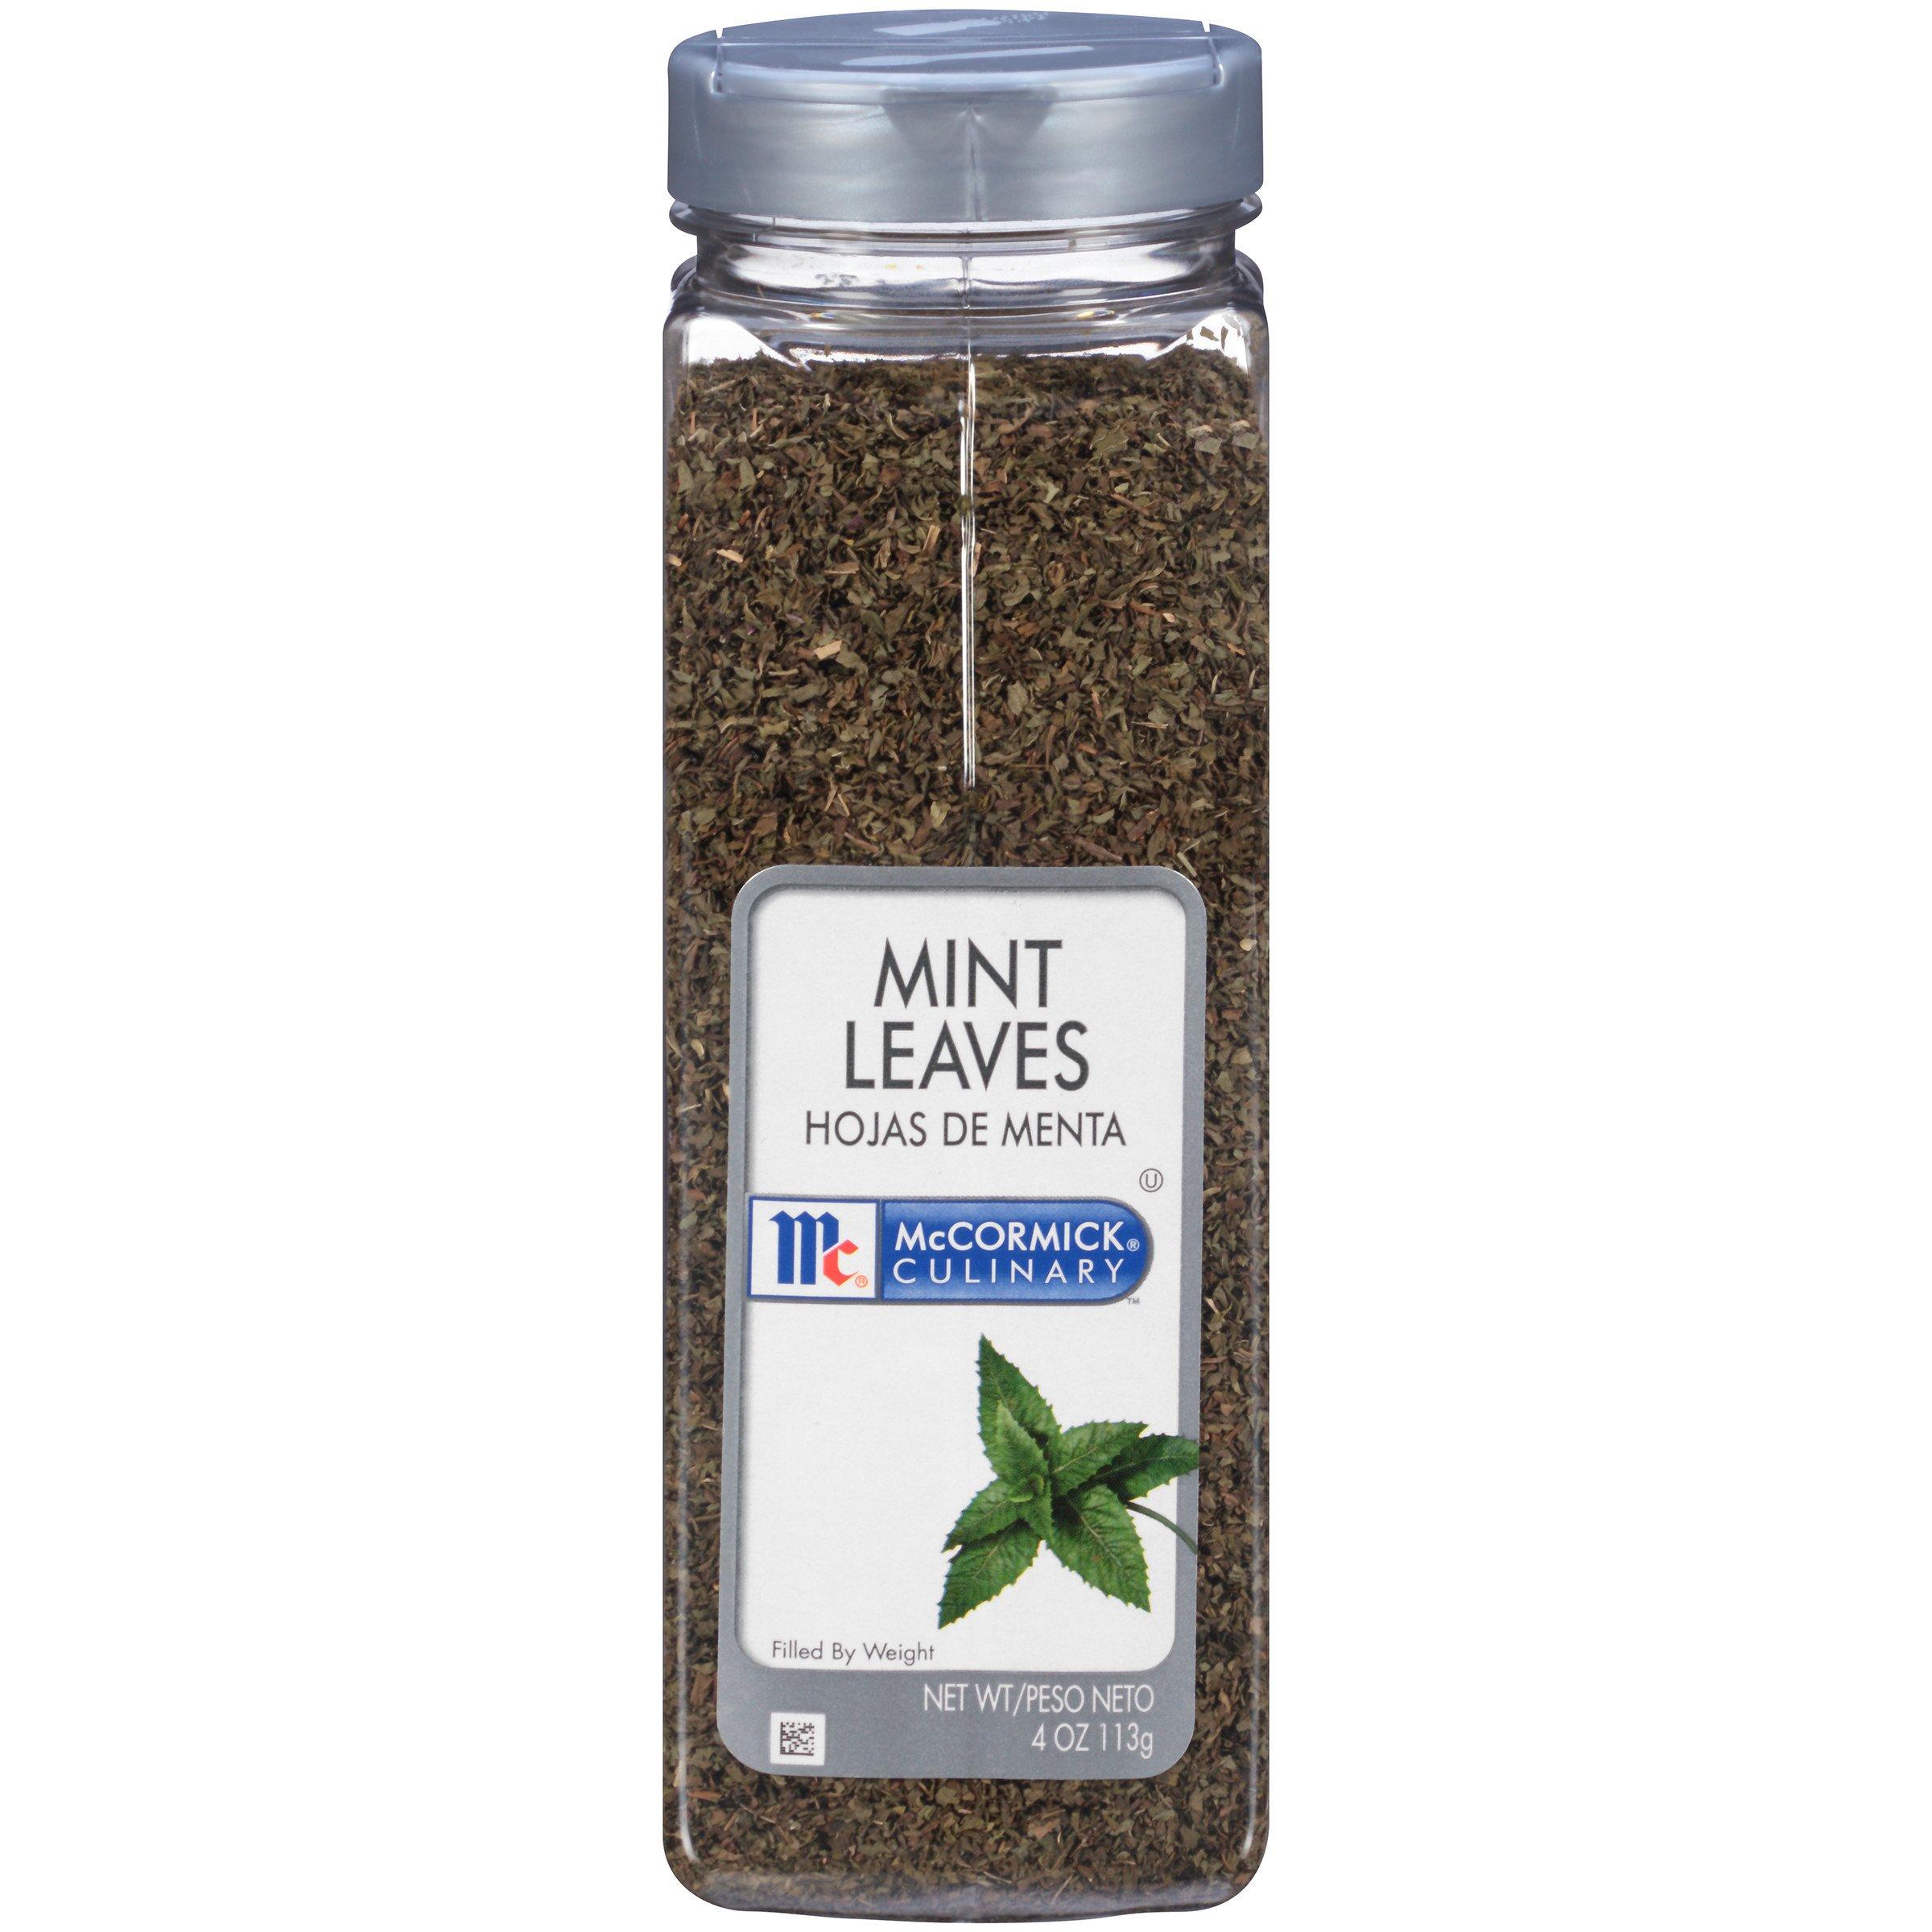 McCormick Culinary Mint Leaves, 4 oz.